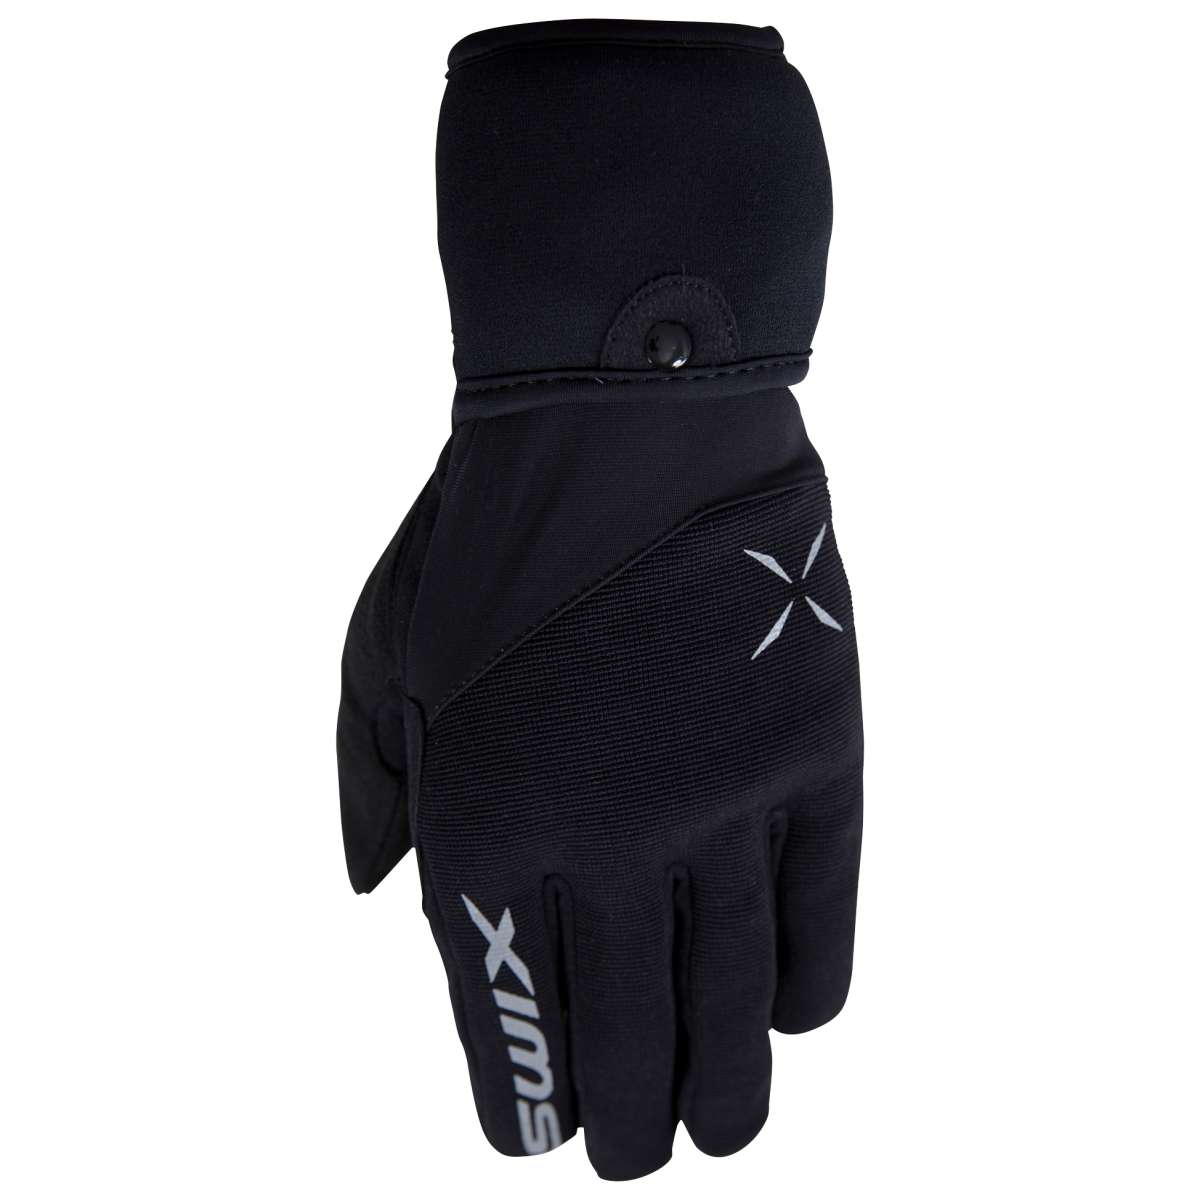 Swix AtlasX Glove-Mitt W's